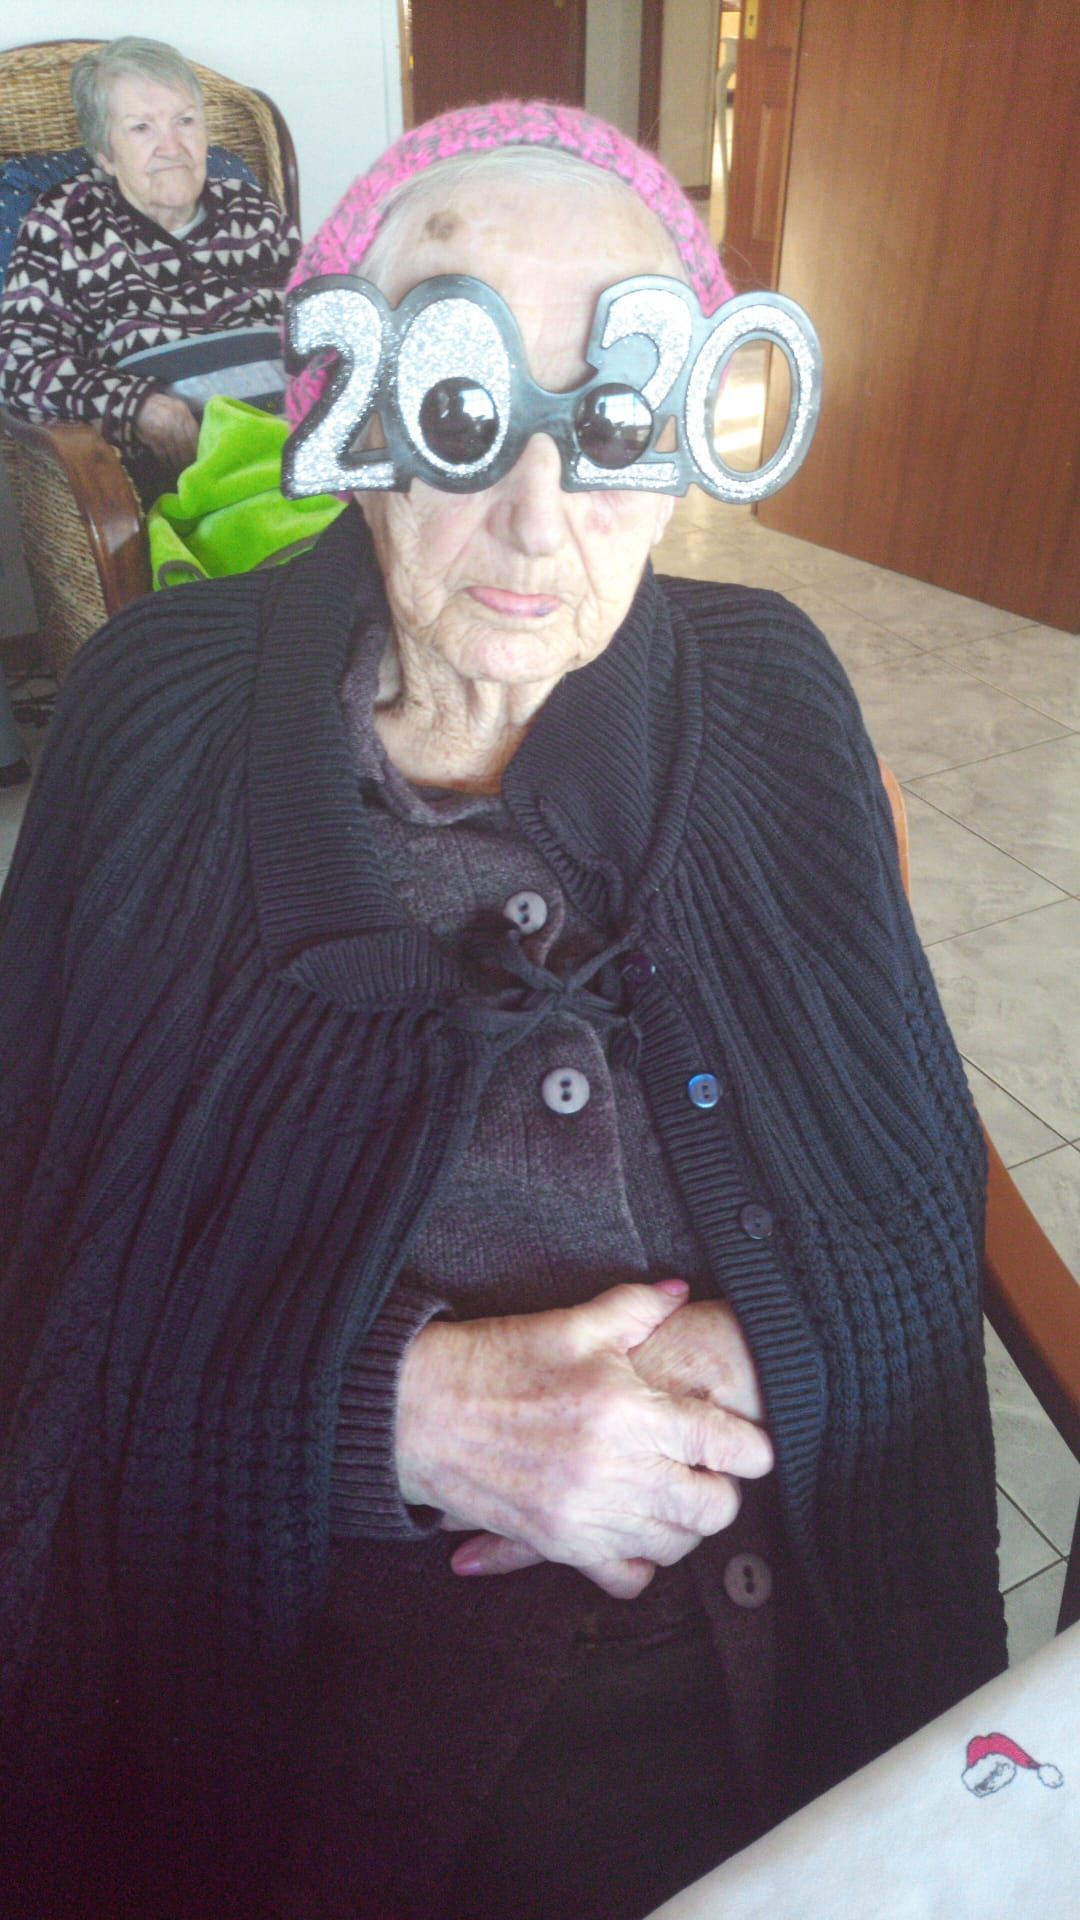 Centro de atención a personas mayores